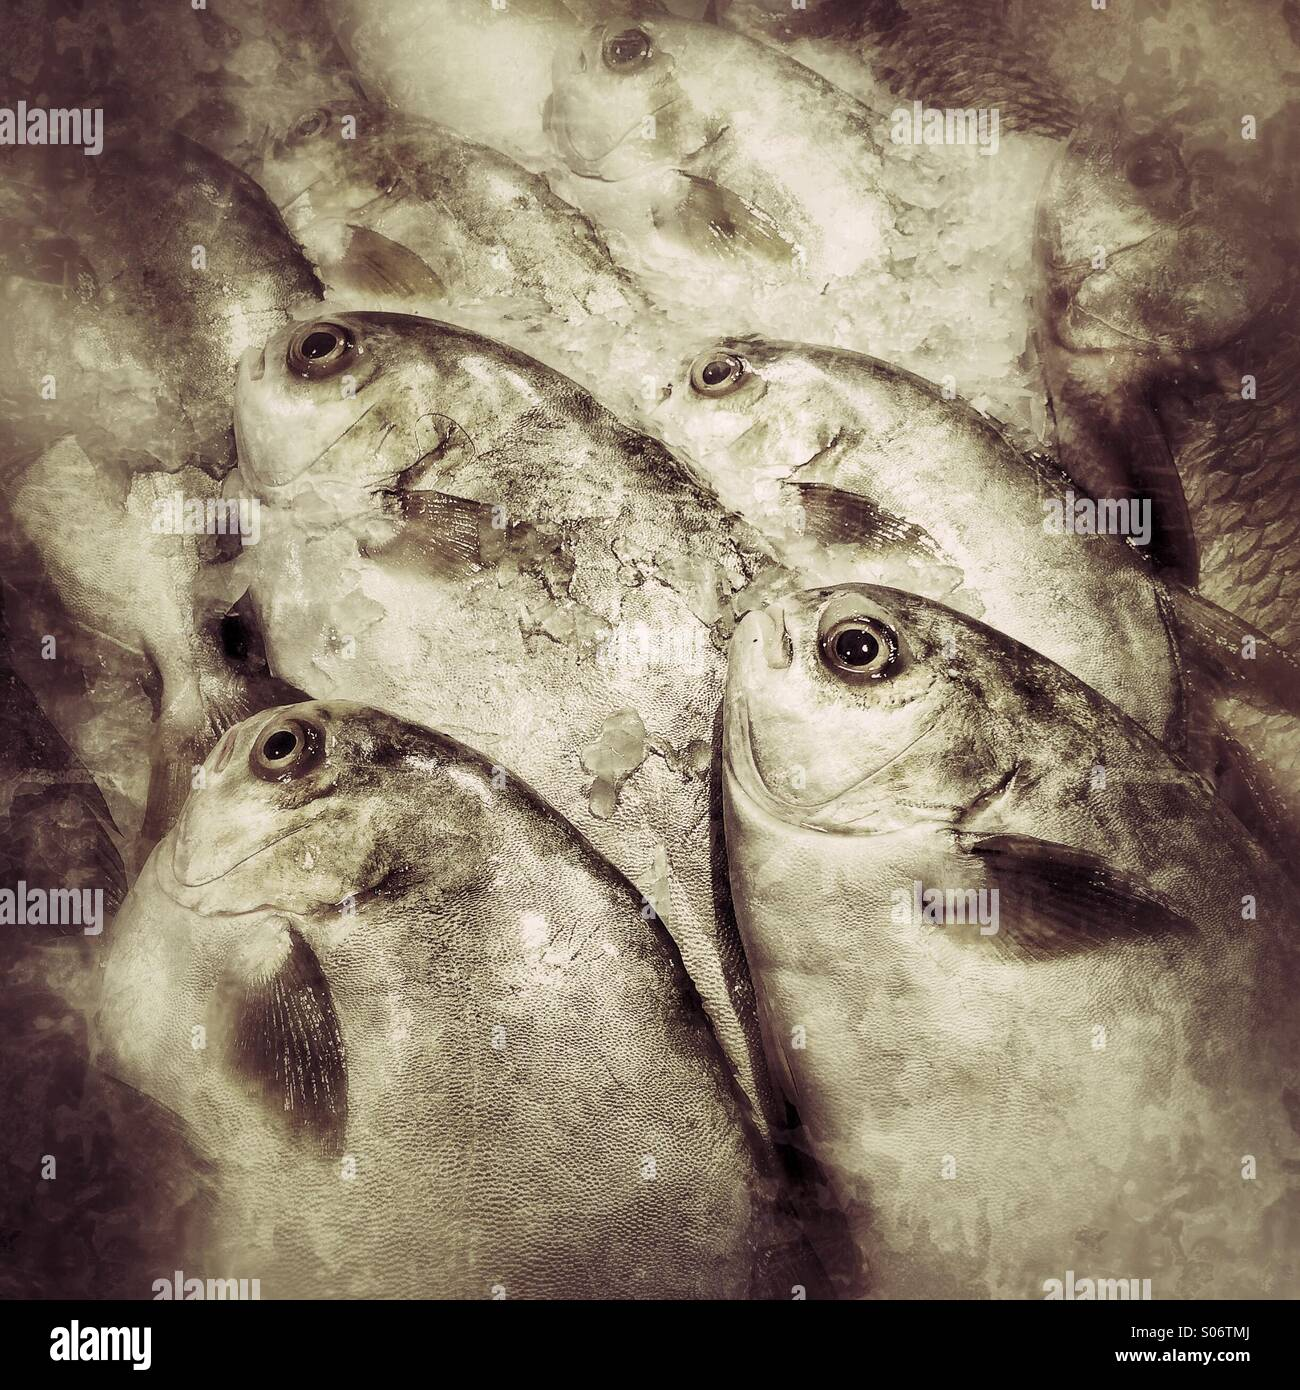 Pesce fresco in vendita al mercato umido Immagini Stock